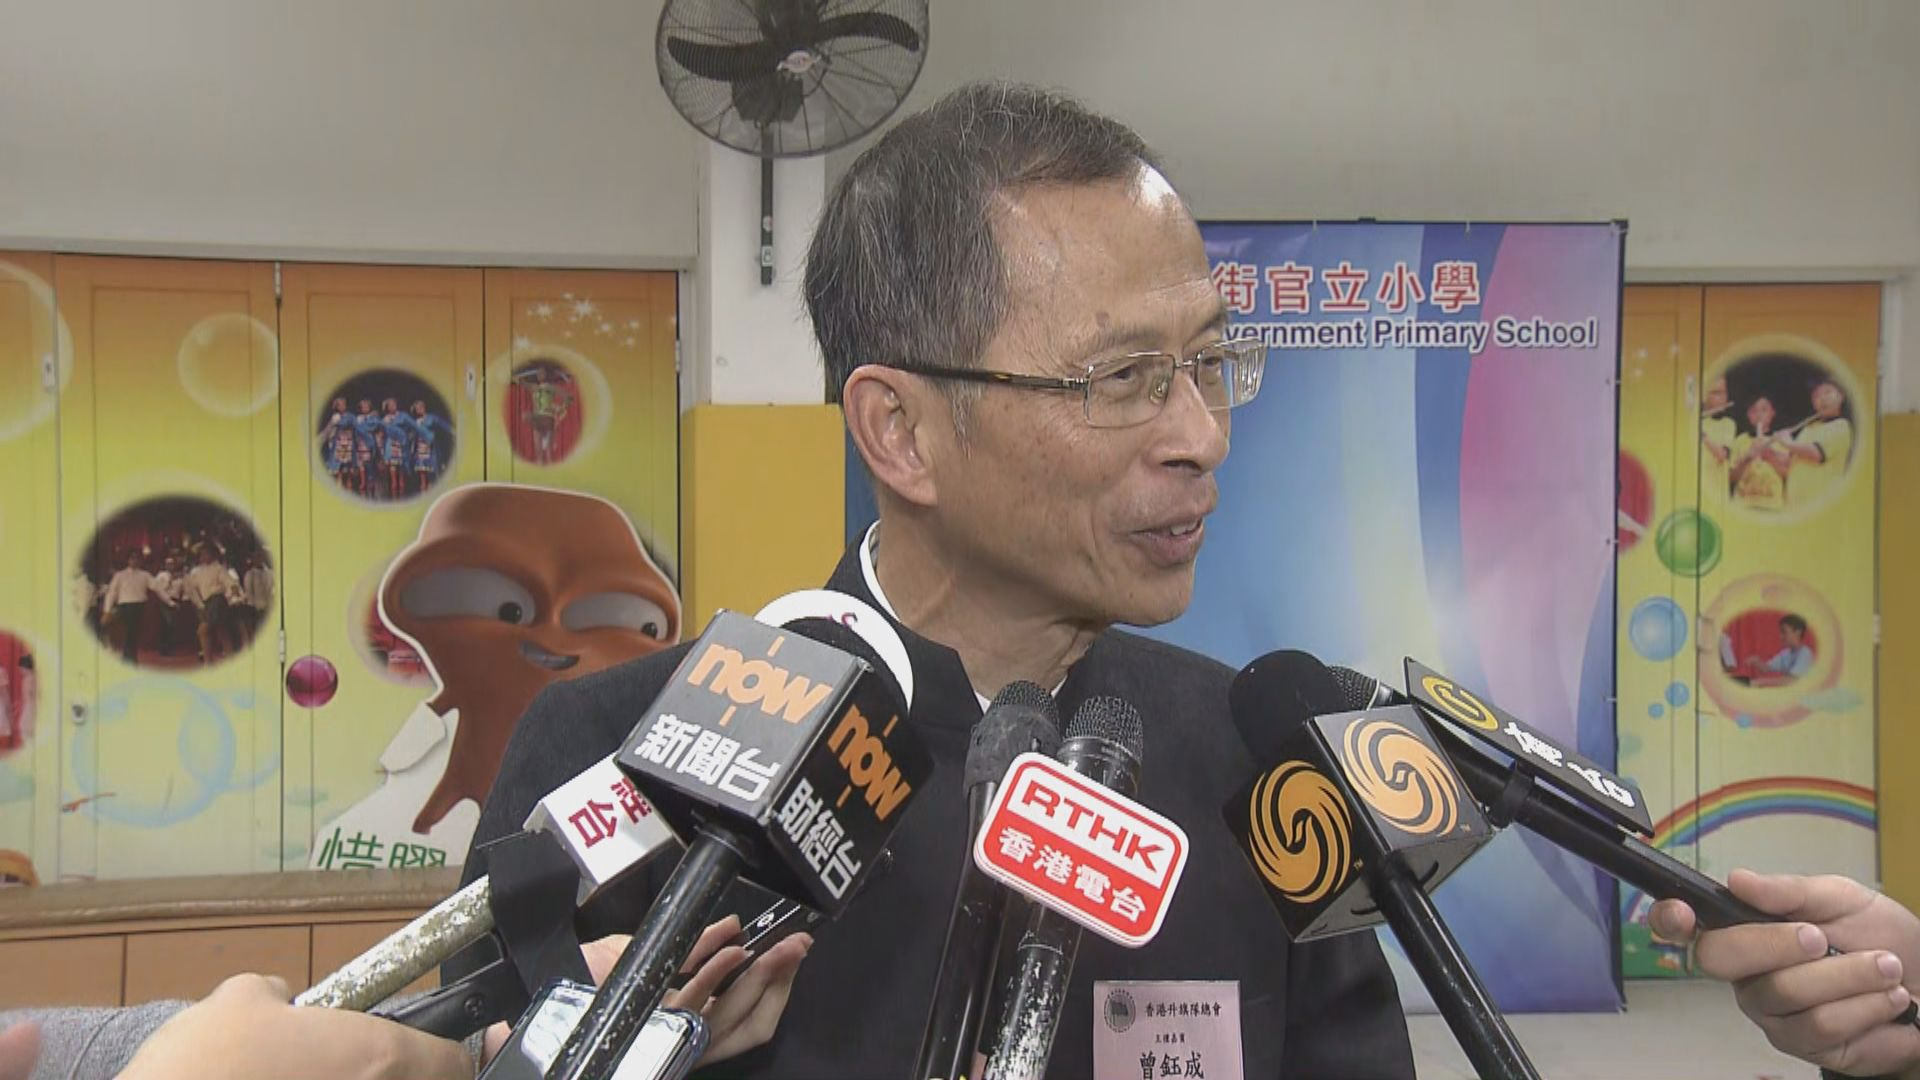 曾鈺成:政府接納建議說明土供小組工作價值